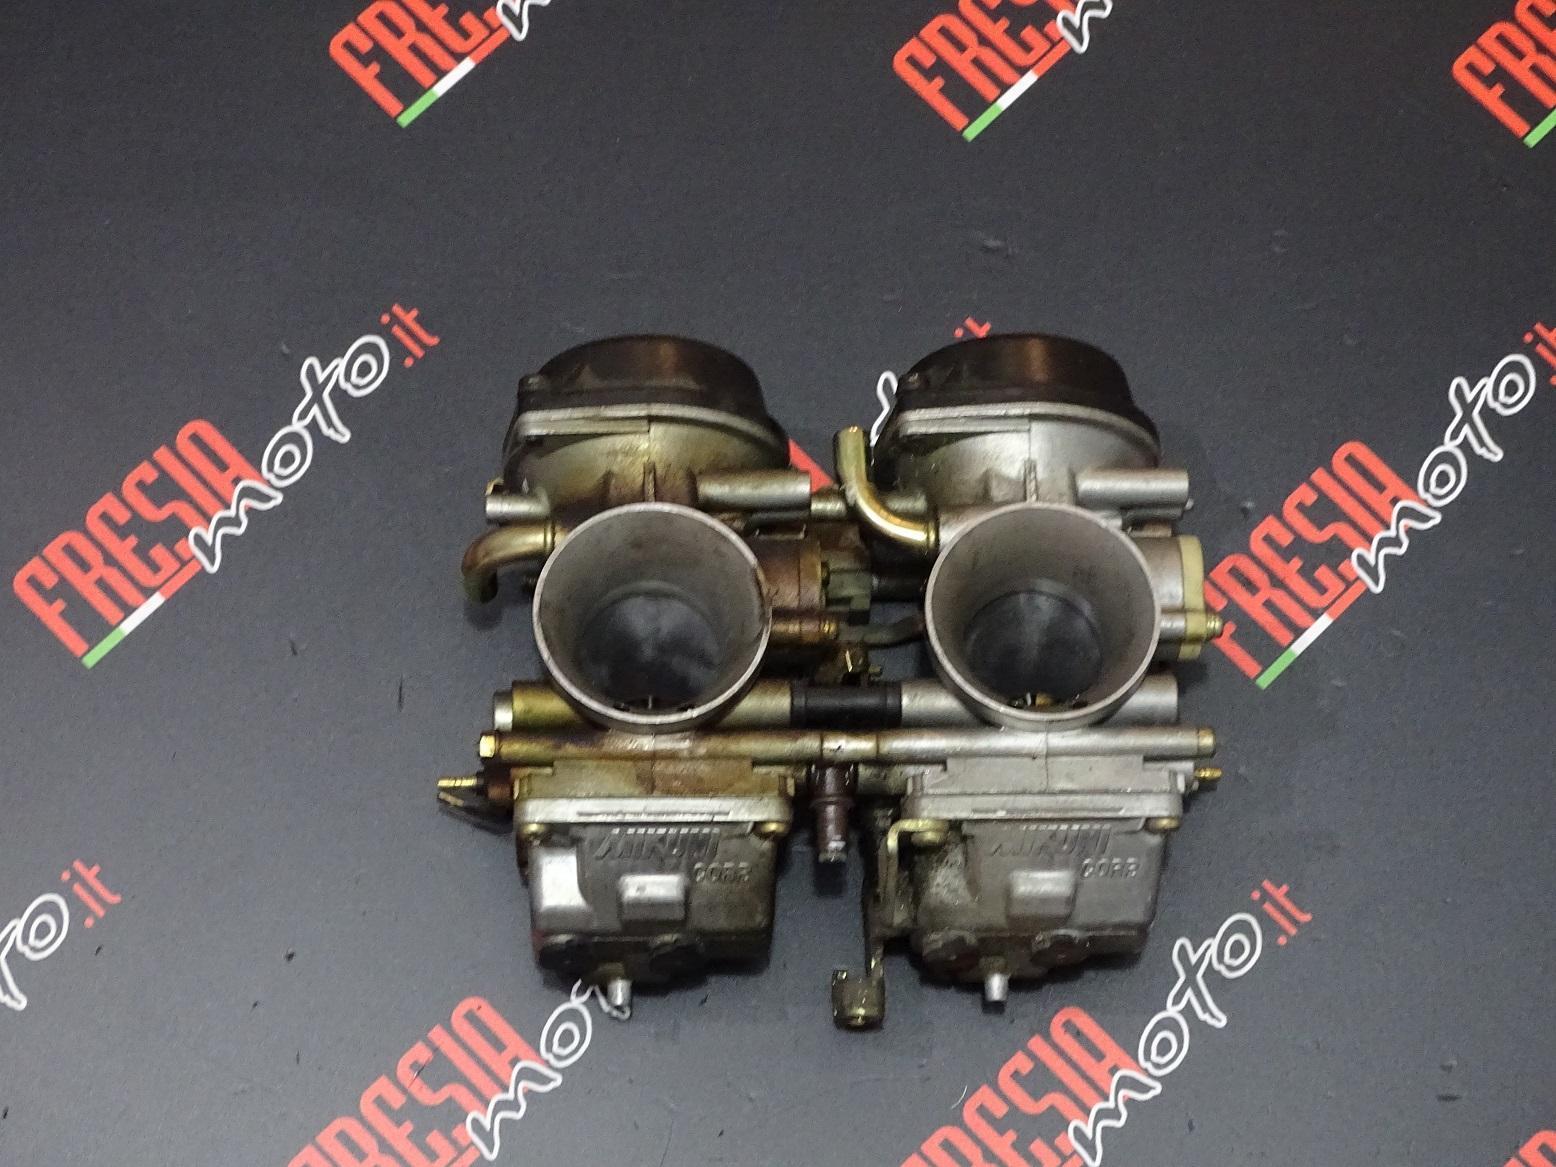 Carburatori Usati Ducati Monster 600 Cc Dark Anno 2000 Fresia Moto